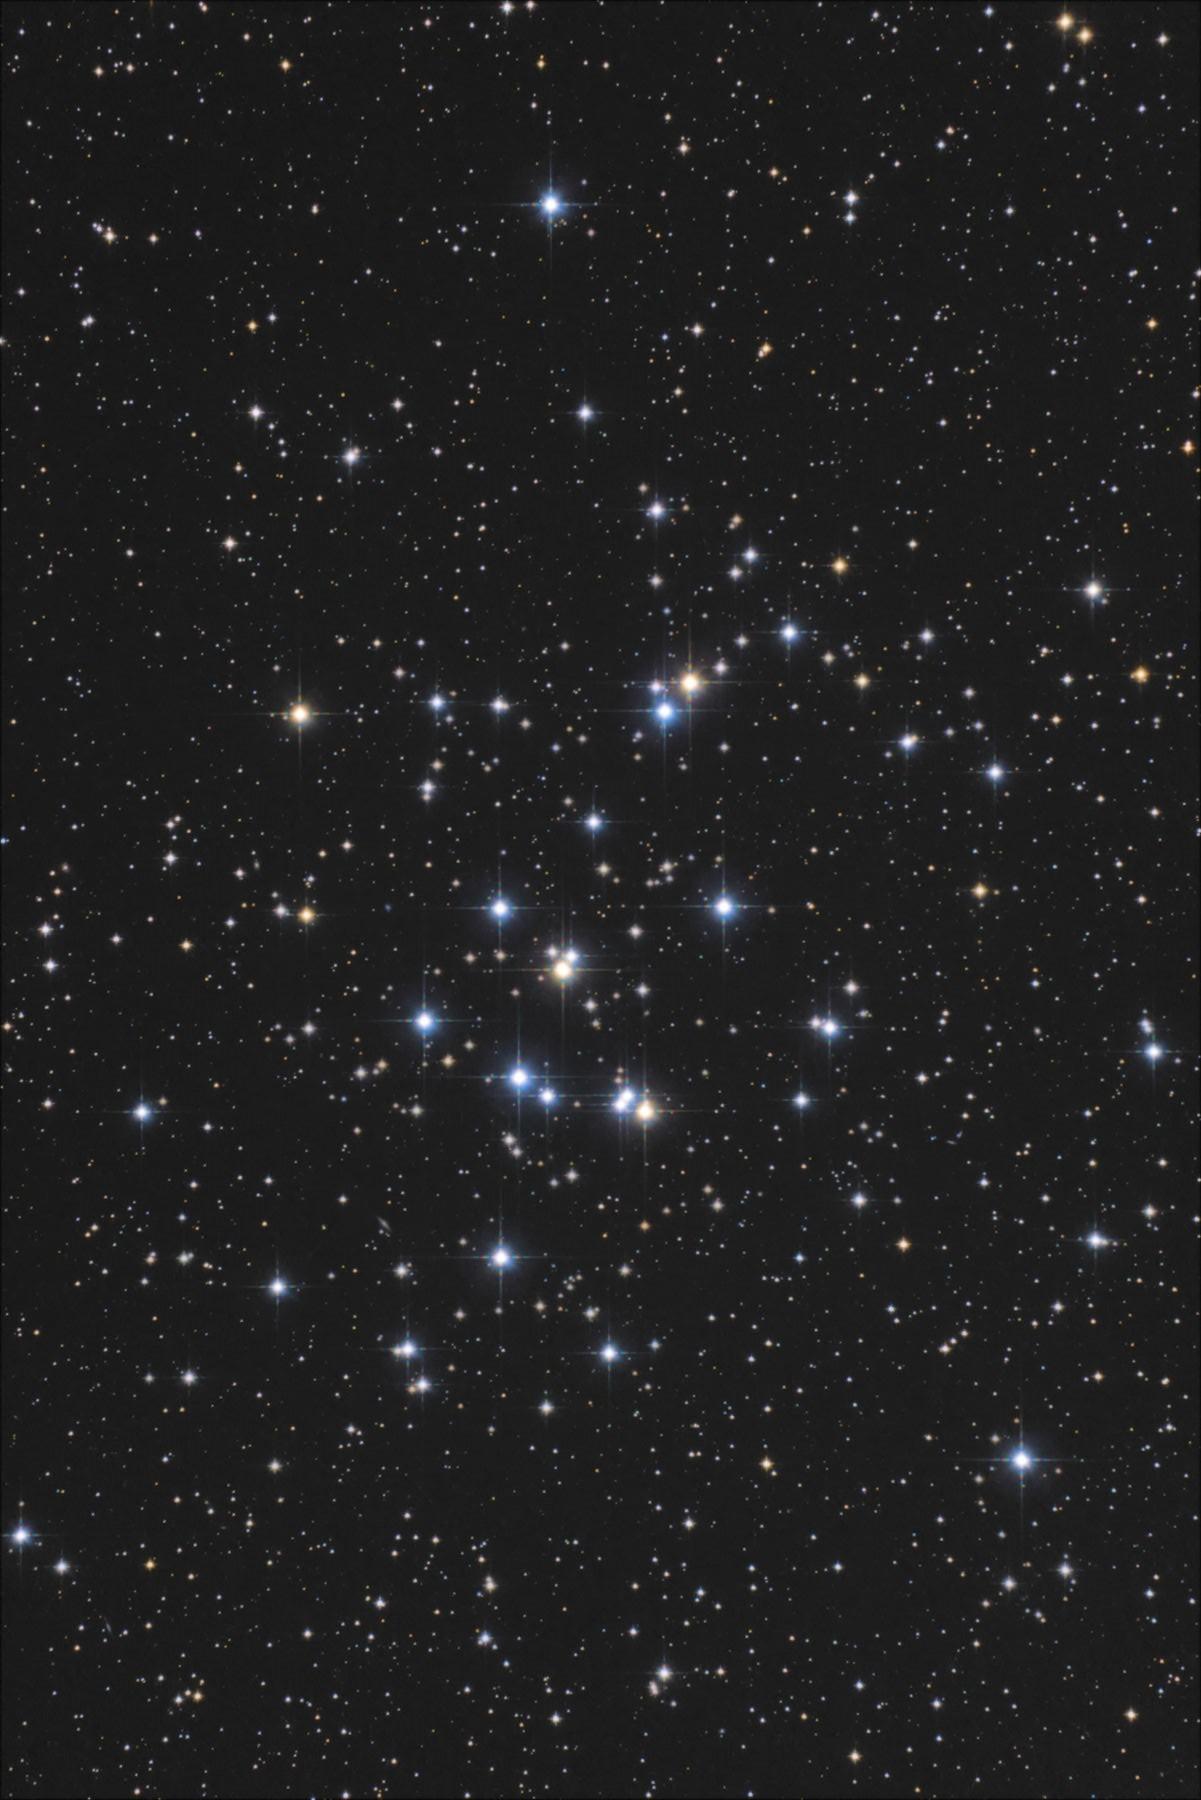 【星団】M44 プレセペの降る・・・